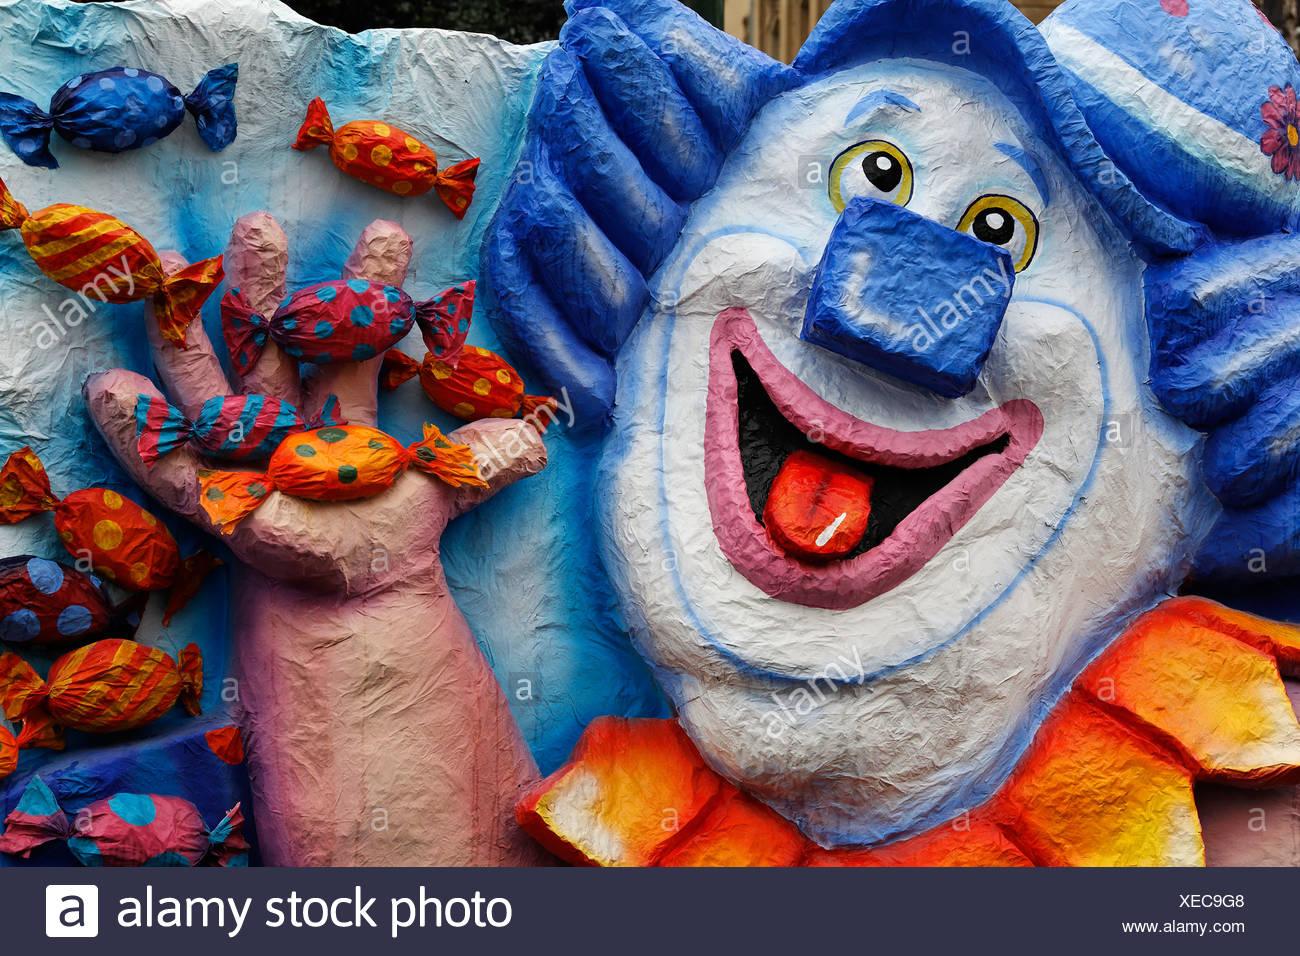 candy clown stock photos